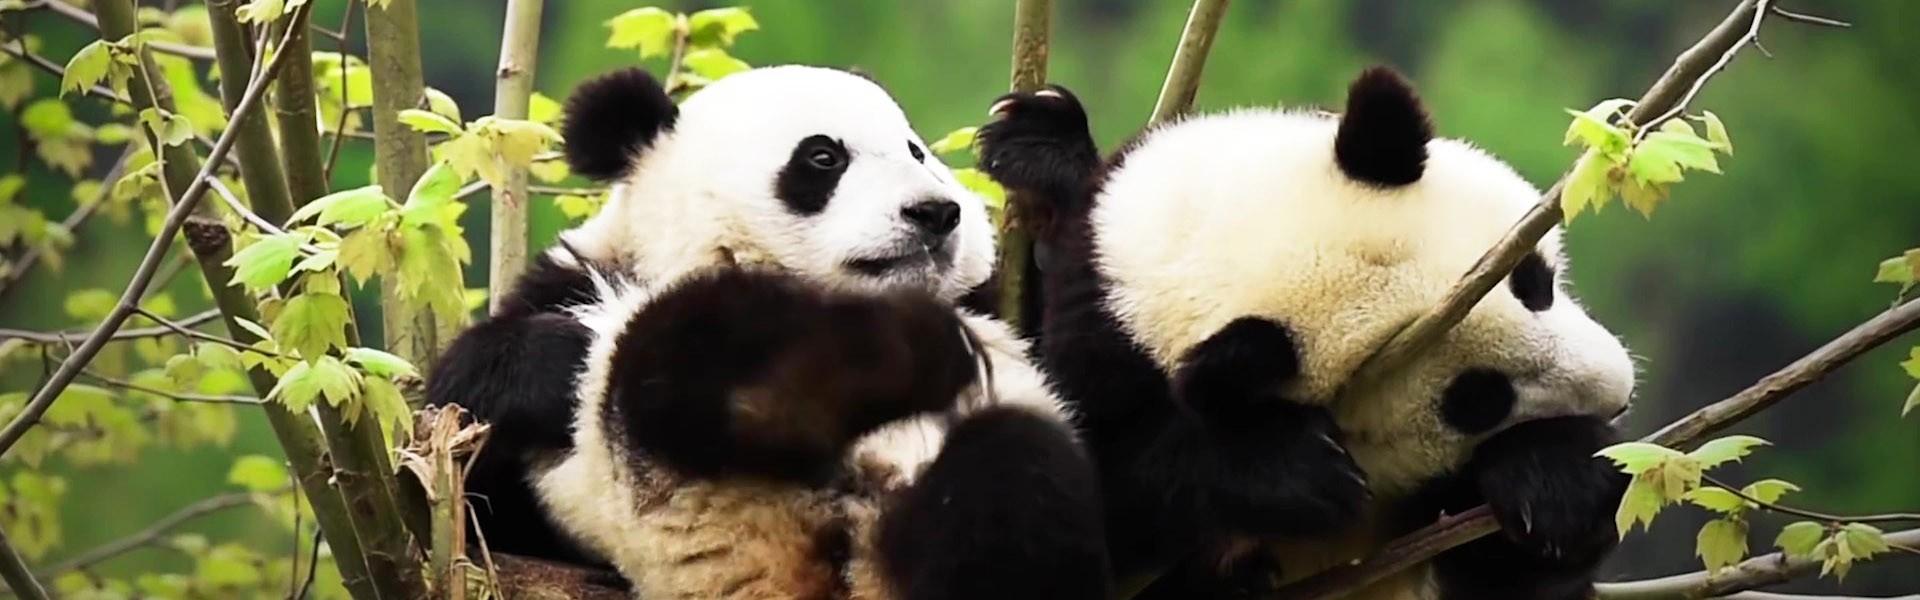 Panda'1920x600'1